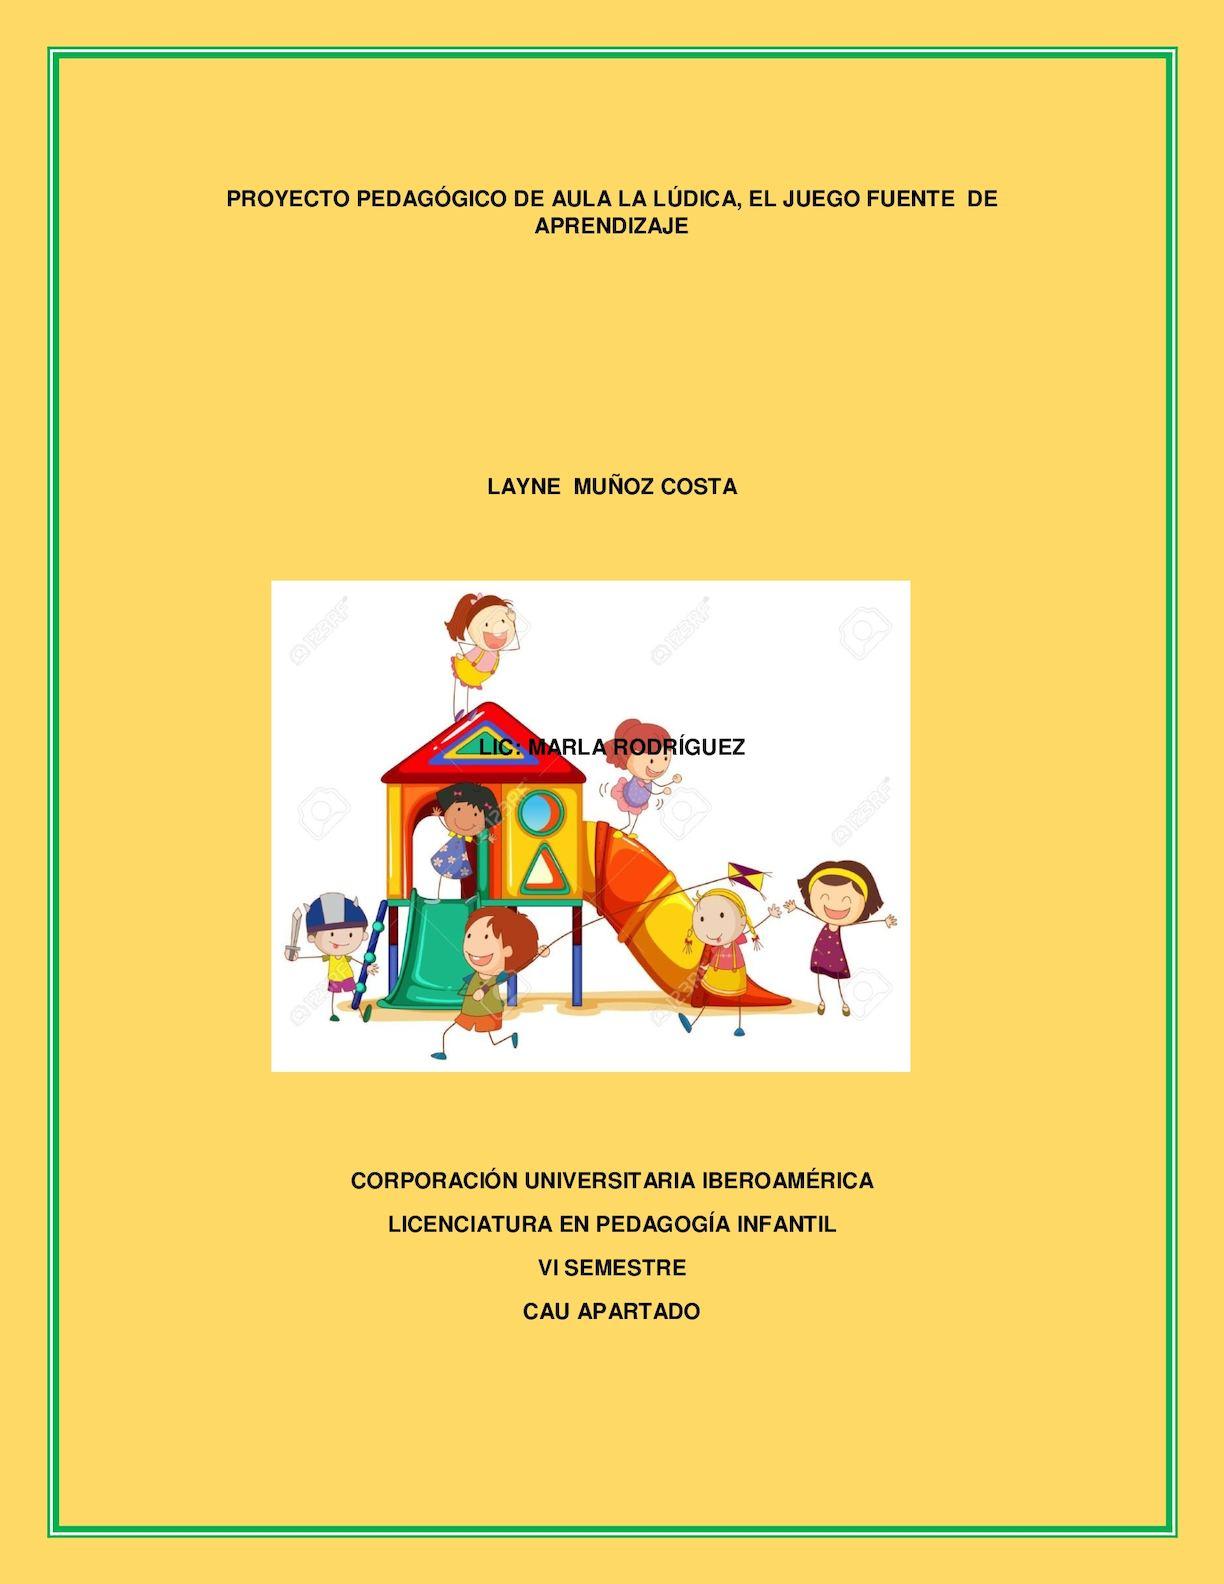 Proyecto Pedagogico De Aula Ludica Y Juego